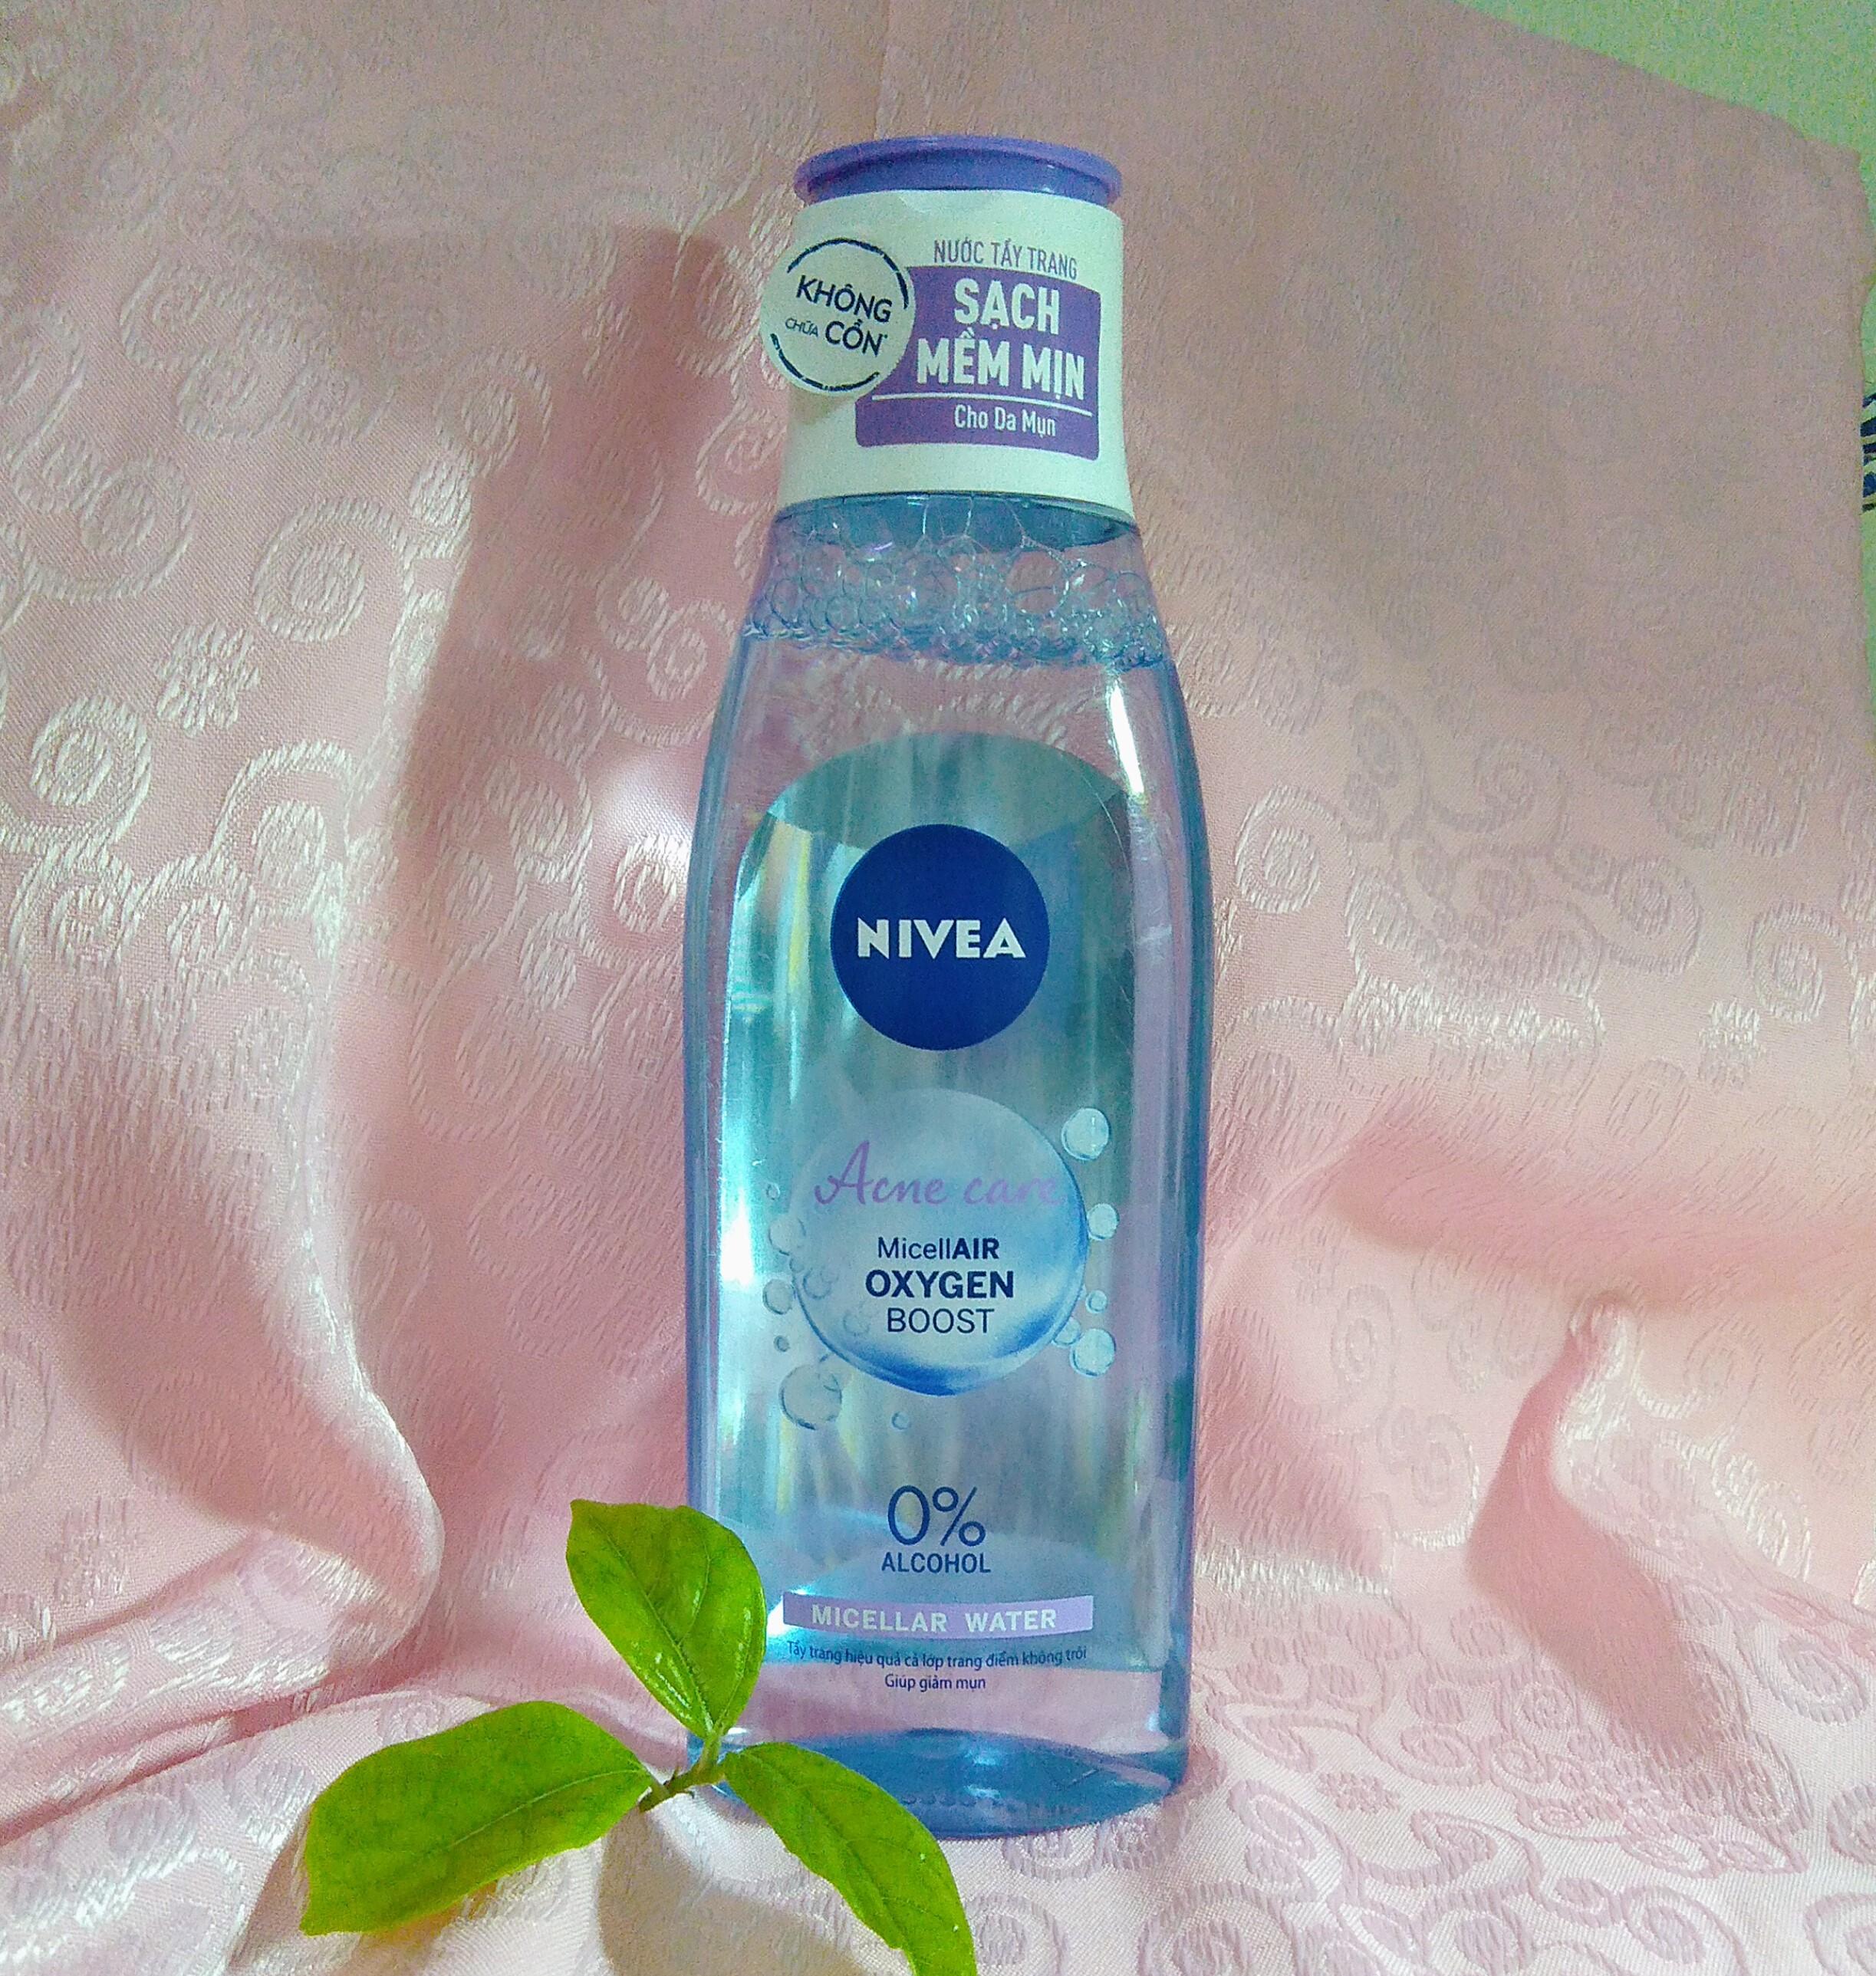 Nivea Acne Care Micellair Oxygen Boost Micellar Water